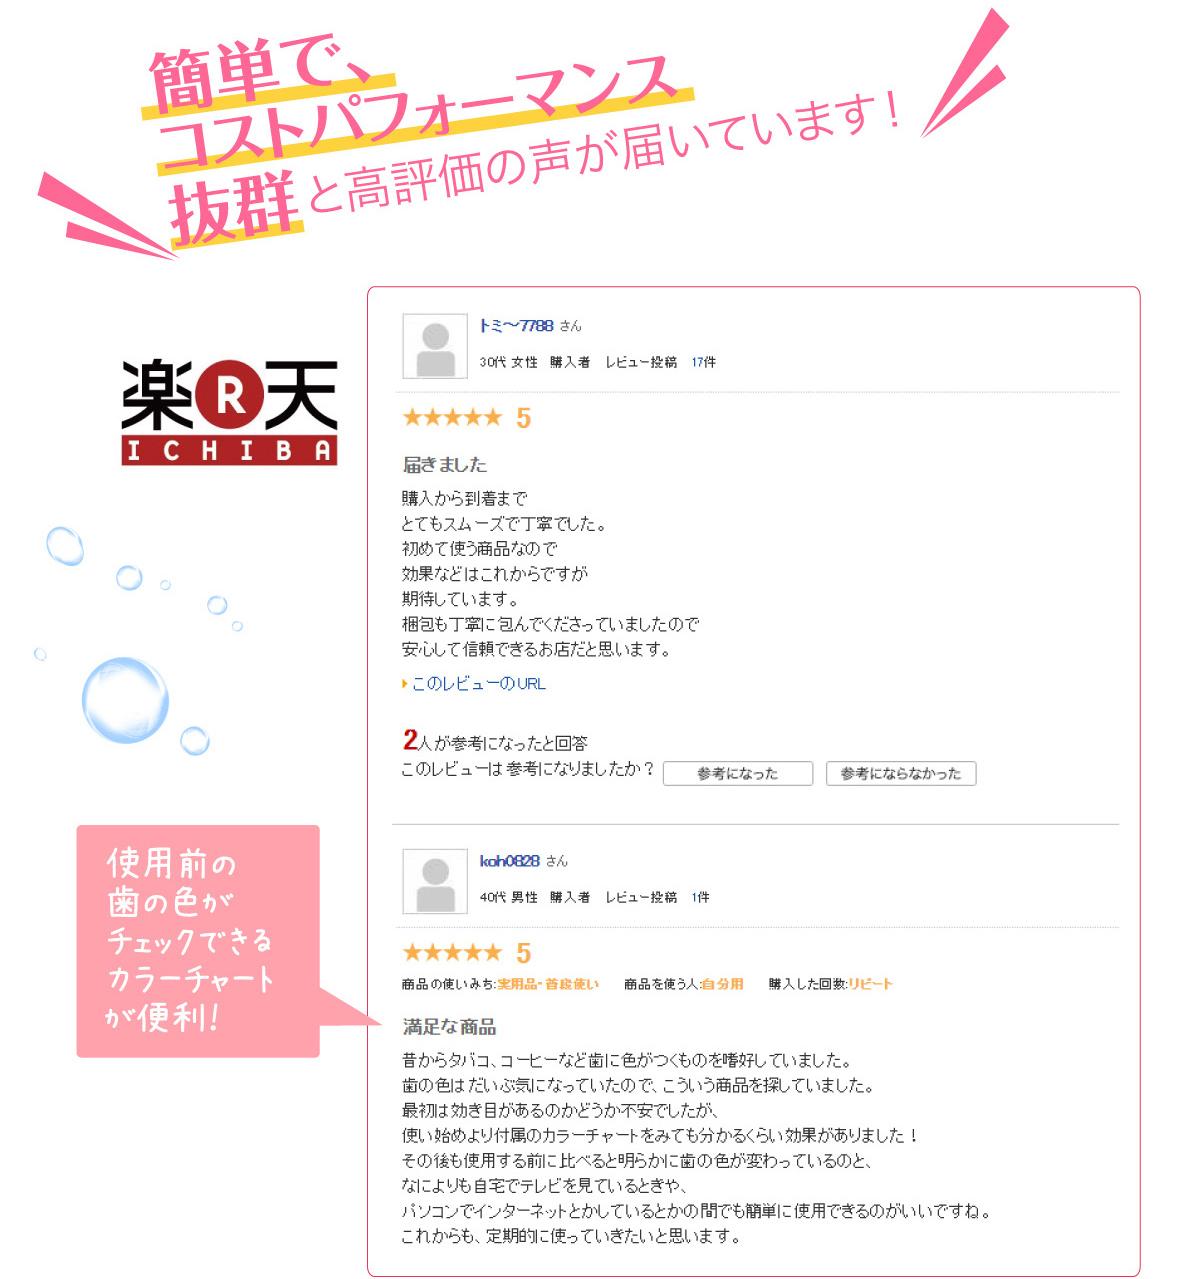 簡単で、コストパフォーマンス抜群と高評価の声が届いています! amazon.co.jp